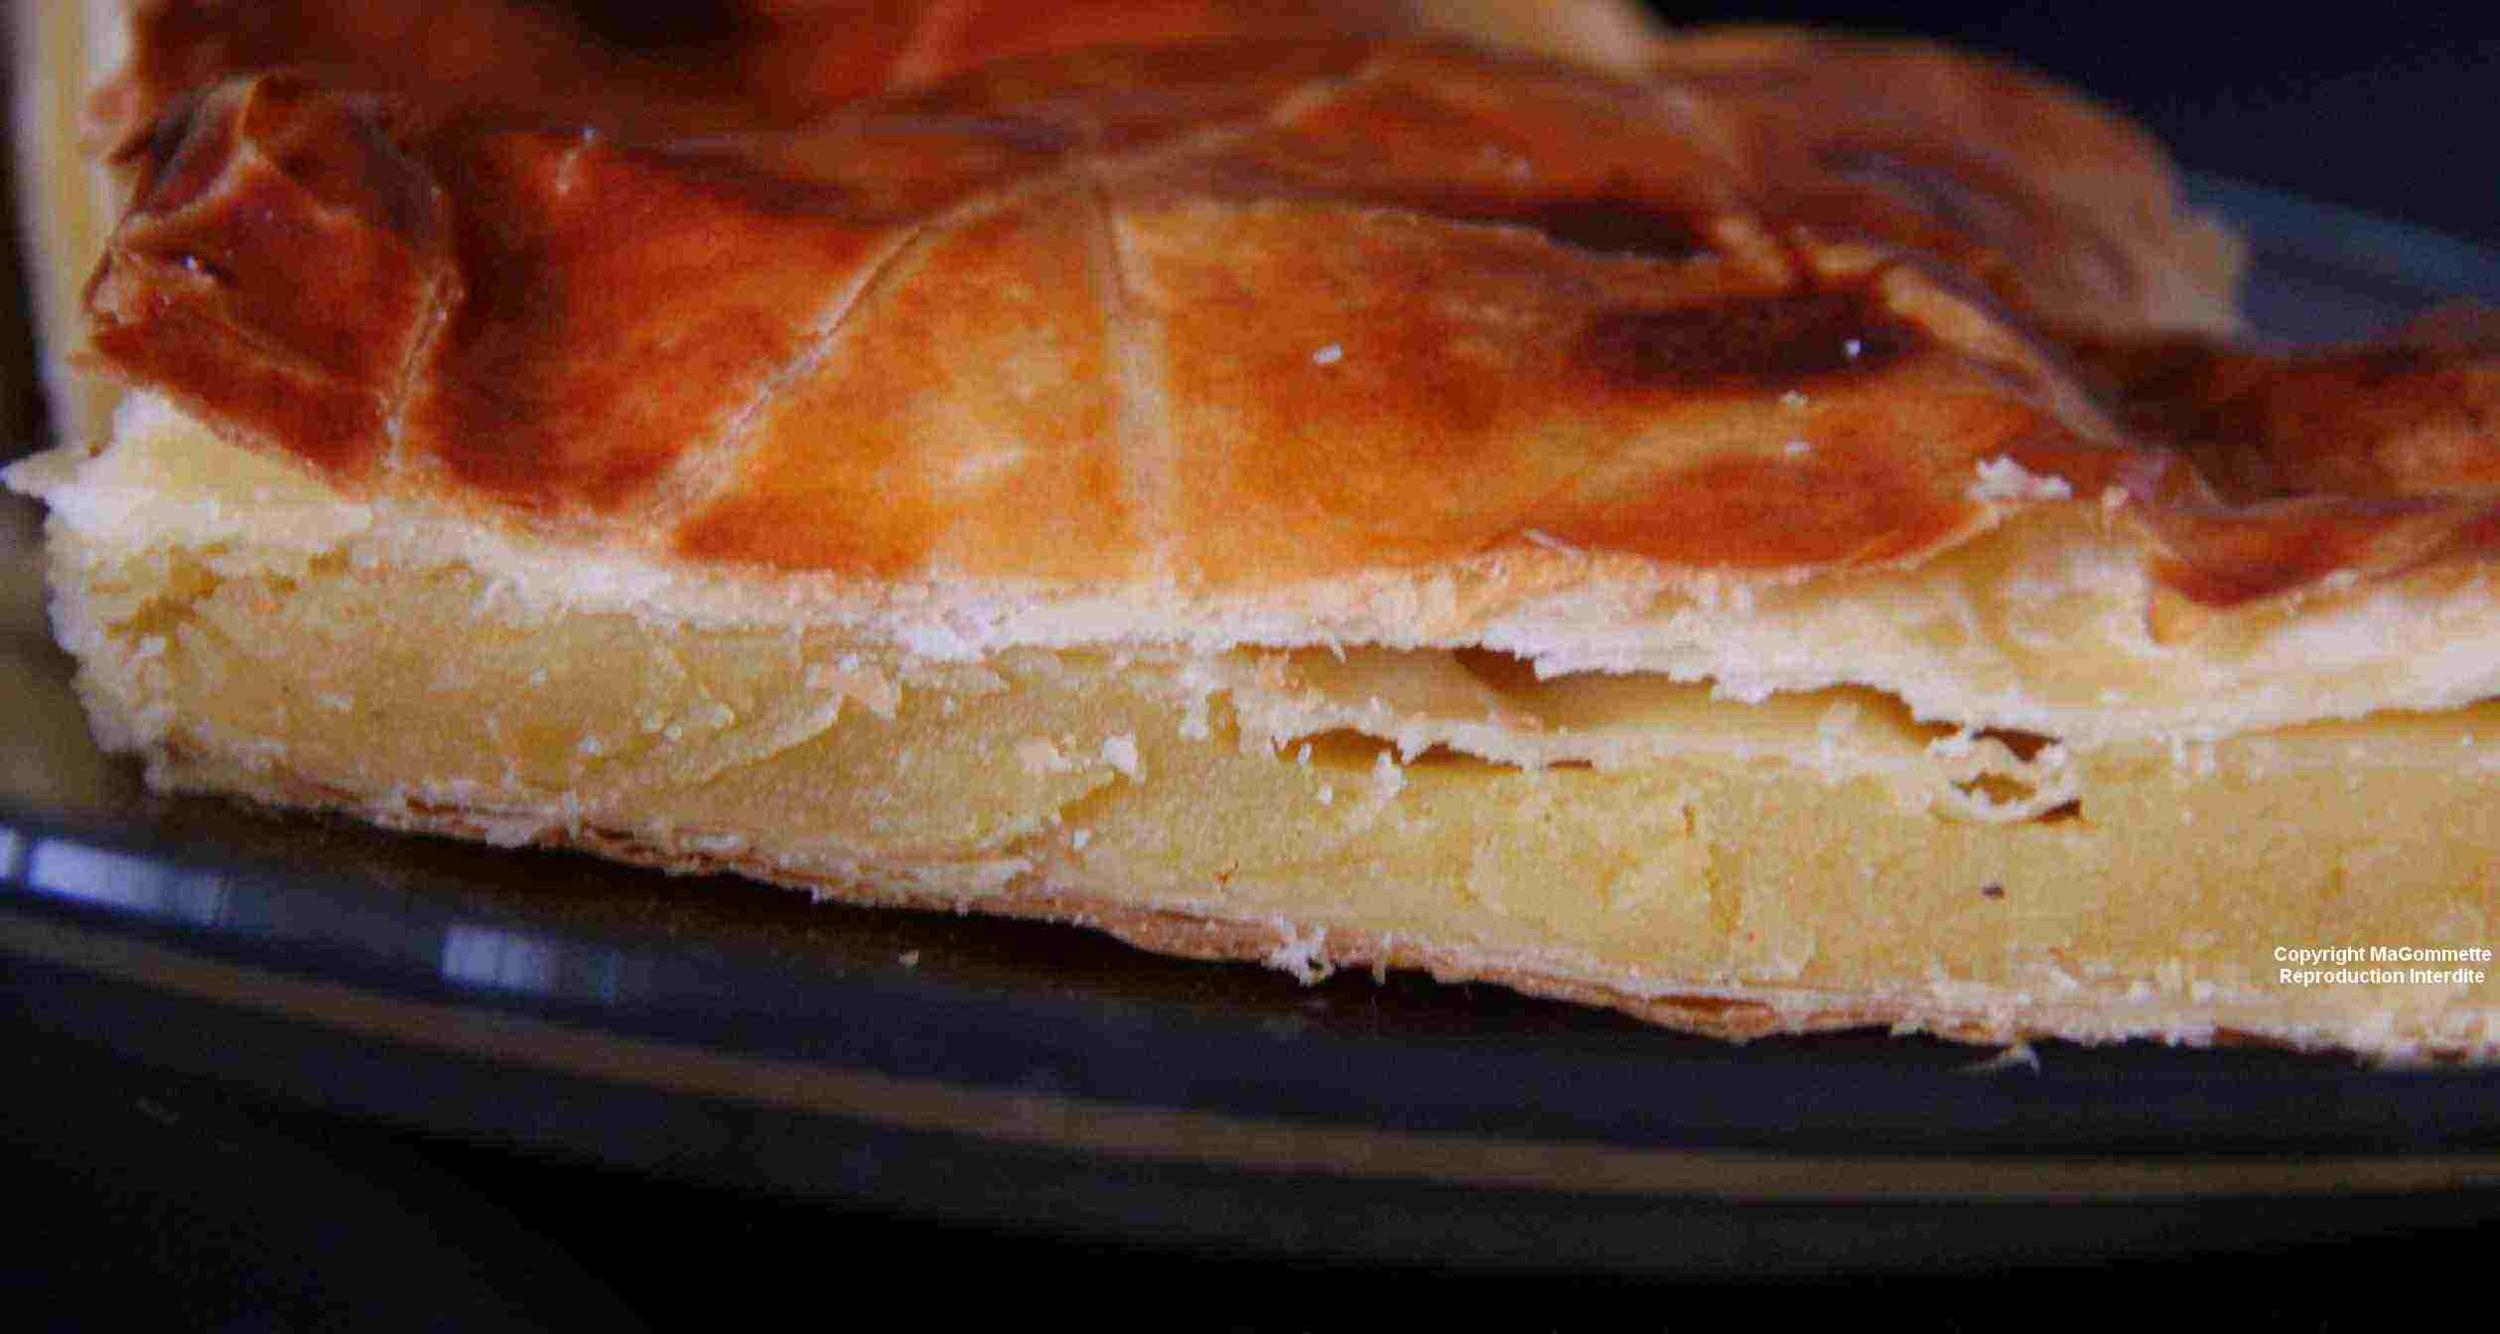 Recette facile de galette des rois la frangipane dans la cuisine magommette - Recette facile galette des rois ...